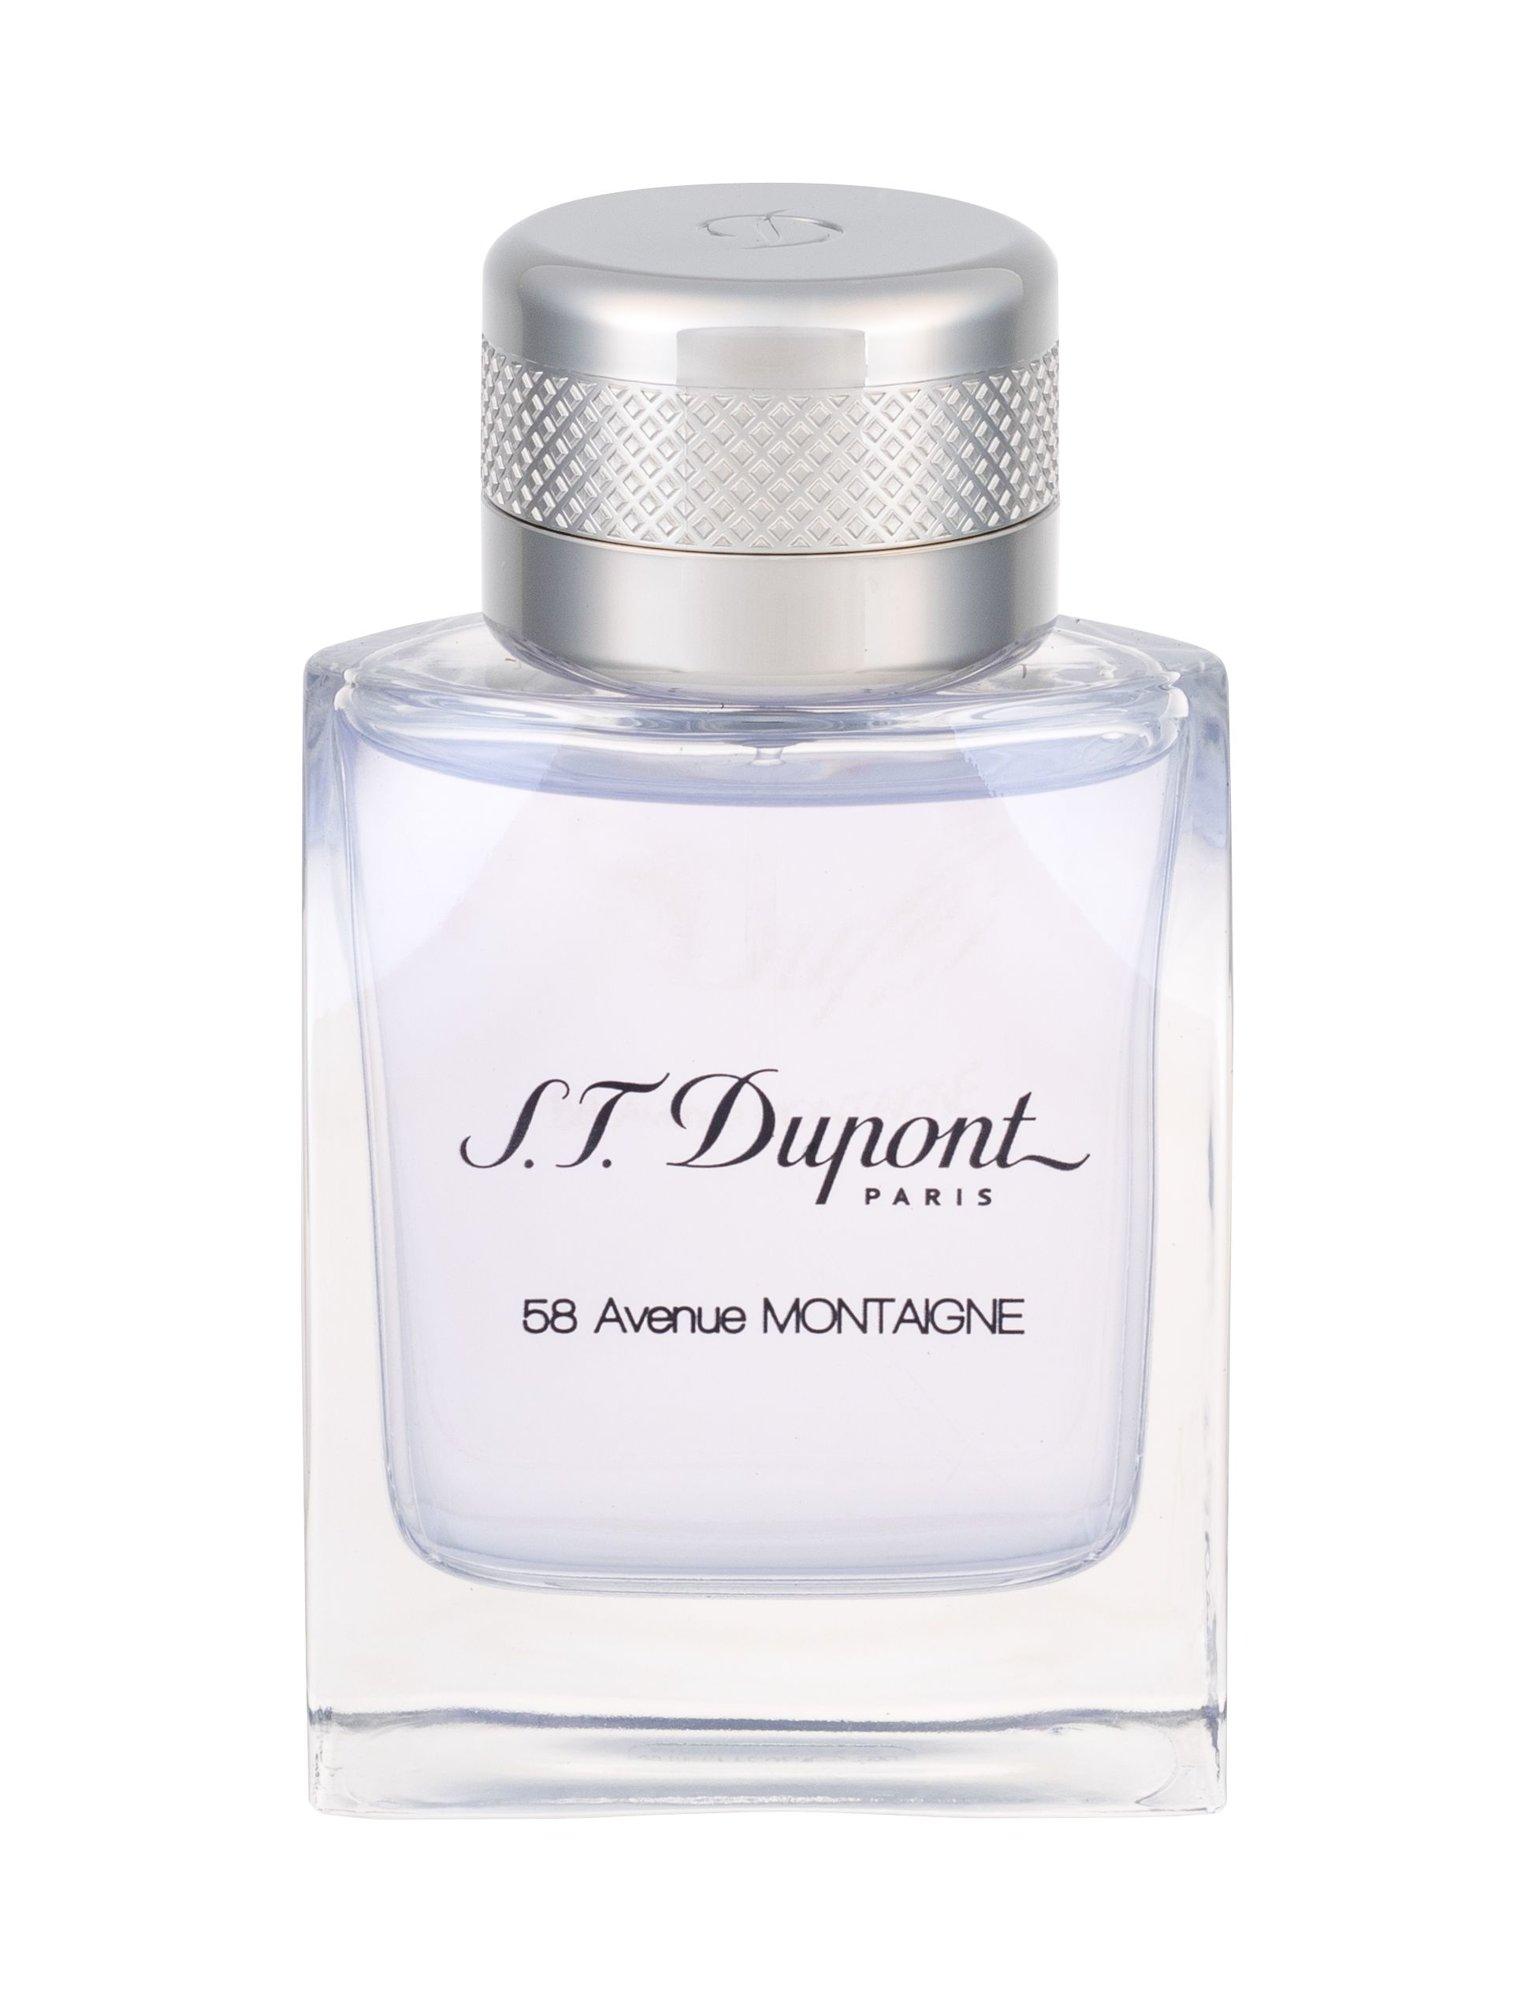 S.T. Dupont 58 Avenue Montaigne Pour Homme Eau de Toilette 50ml